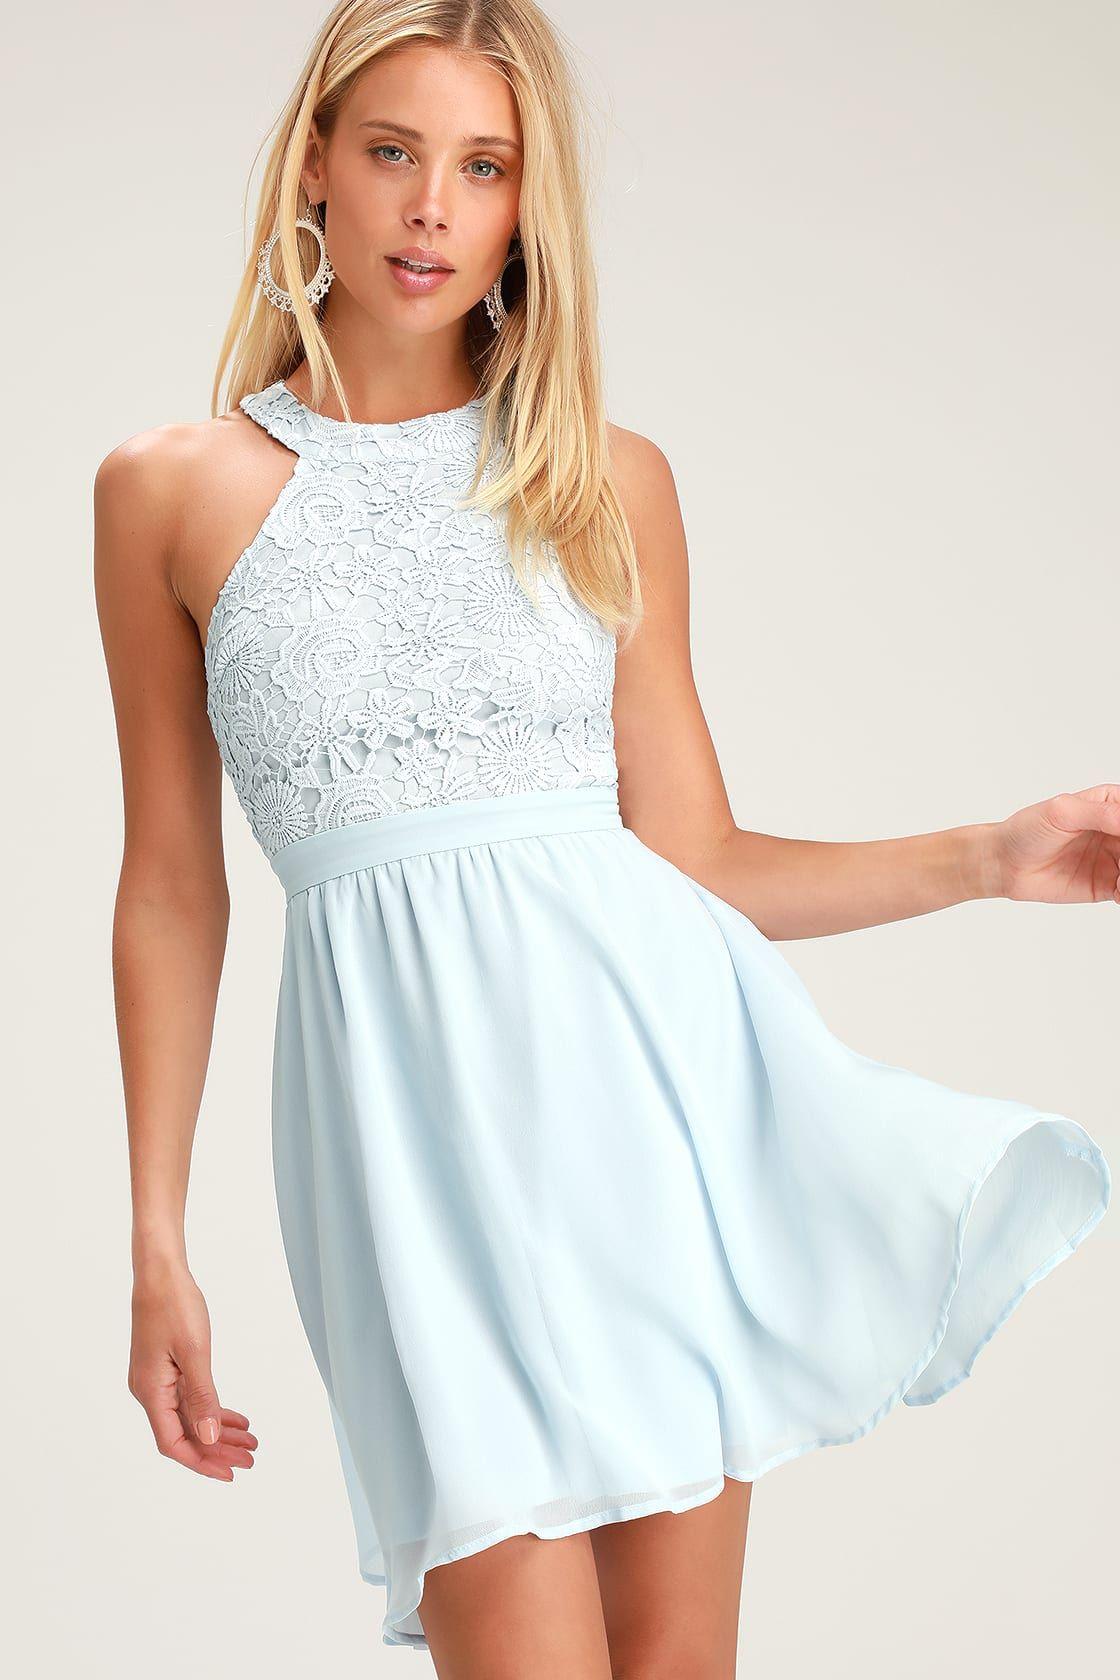 afb0ed3b8e2 Cute Light Blue Dress - Lace Dress - Halter Skater Dress